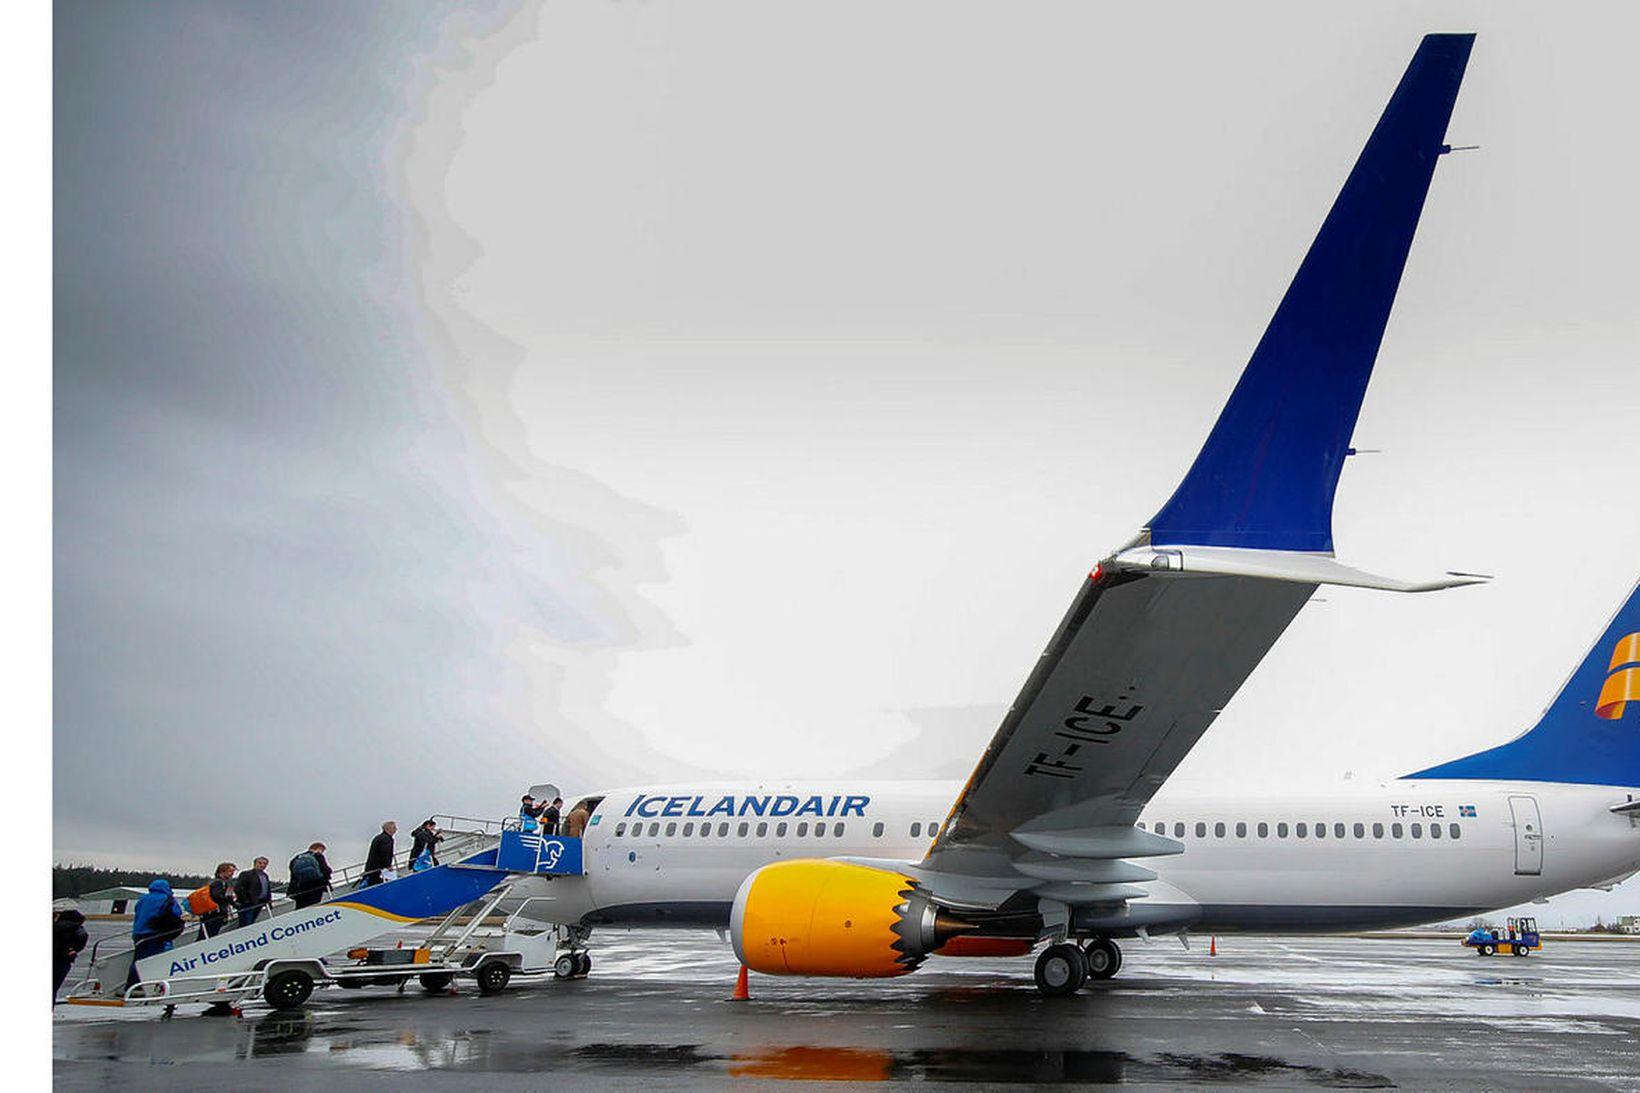 Icelandair hefur flug til Torontó í vikunni.